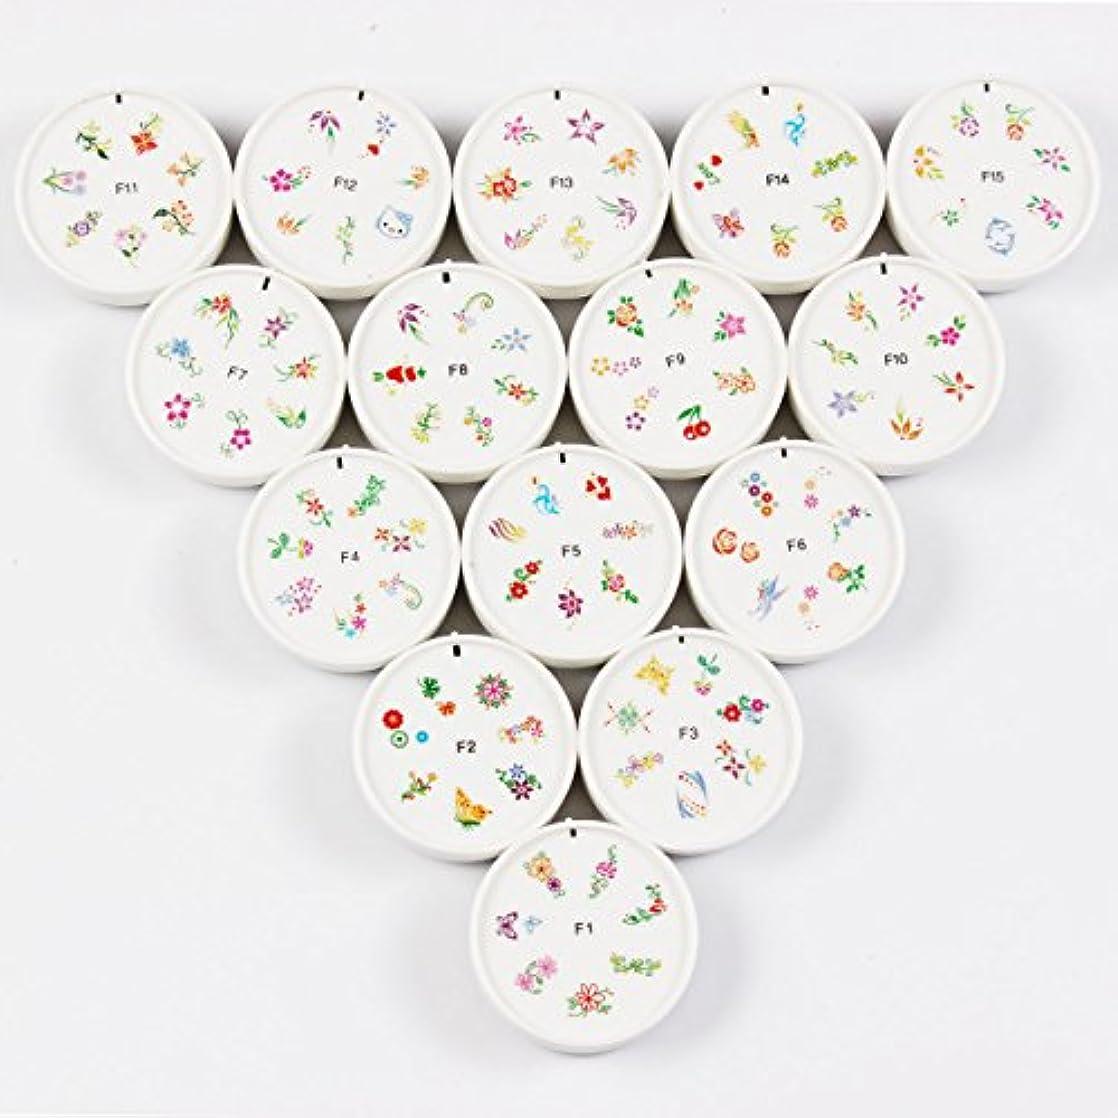 FingerAngel ネイルイスタンプセット 15枚 ホワイト ネイルスタンパー ゴム プラスチック ネイルアート